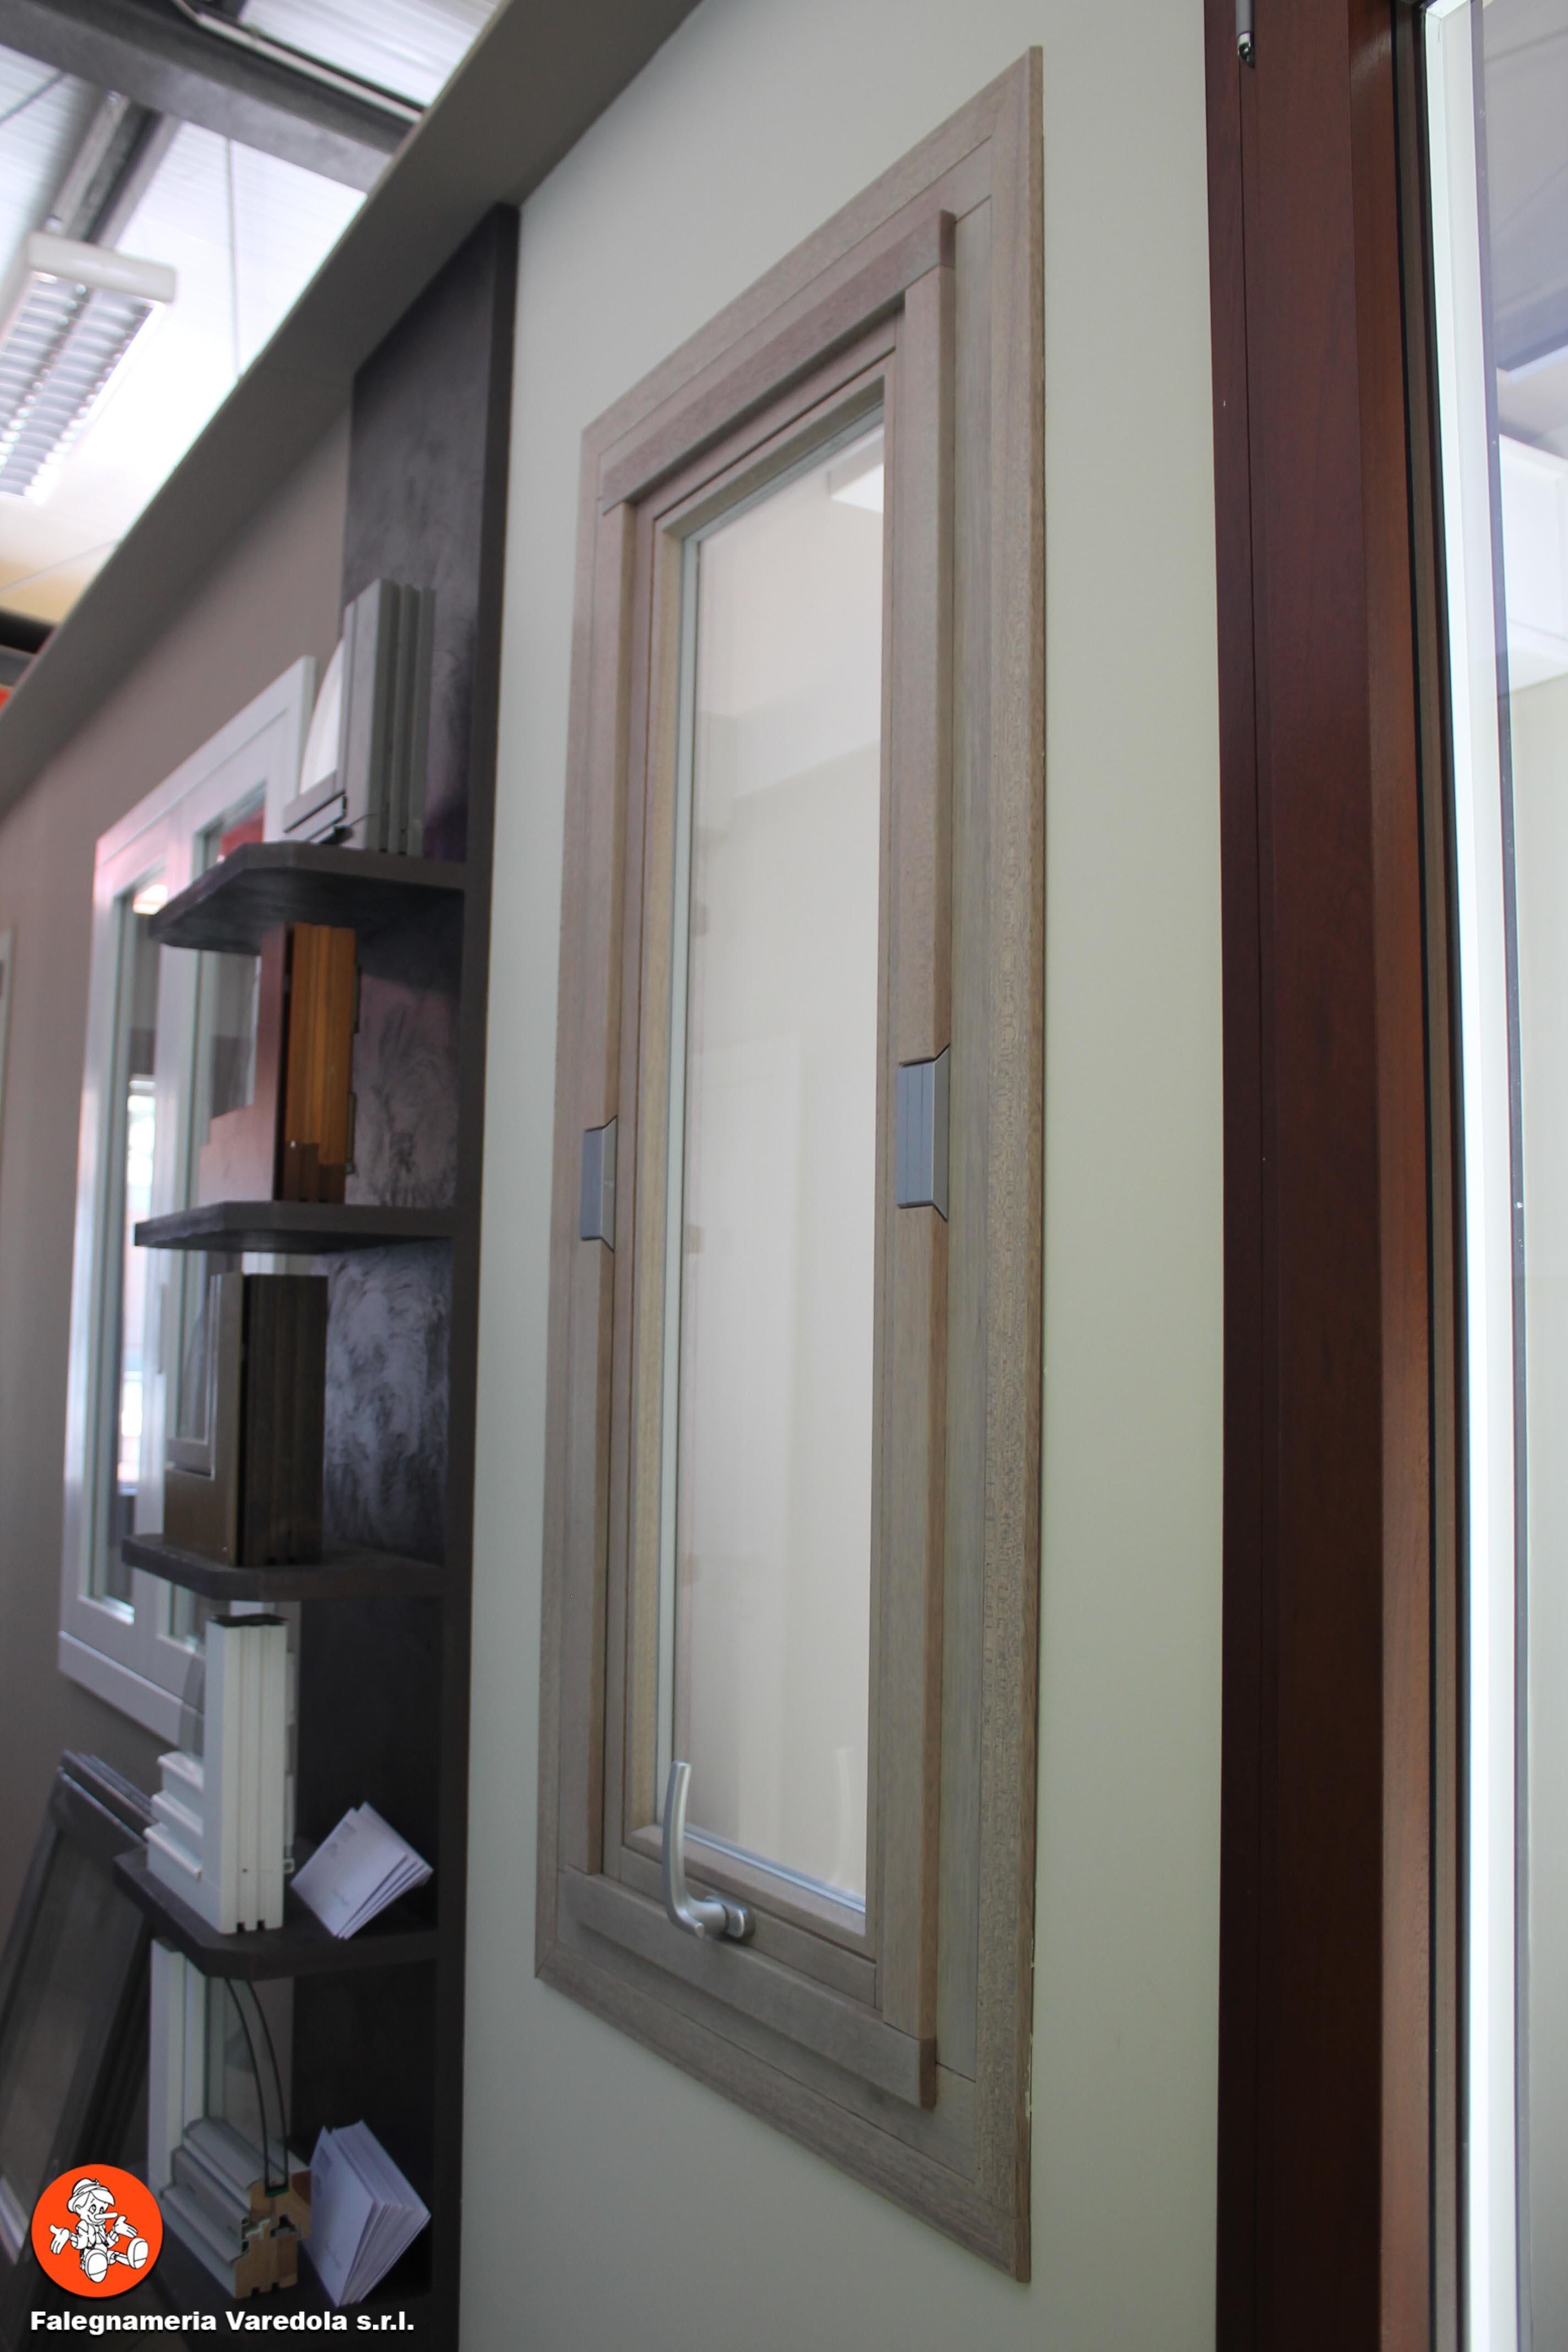 Falegnameria Varedola S.r.l.-151